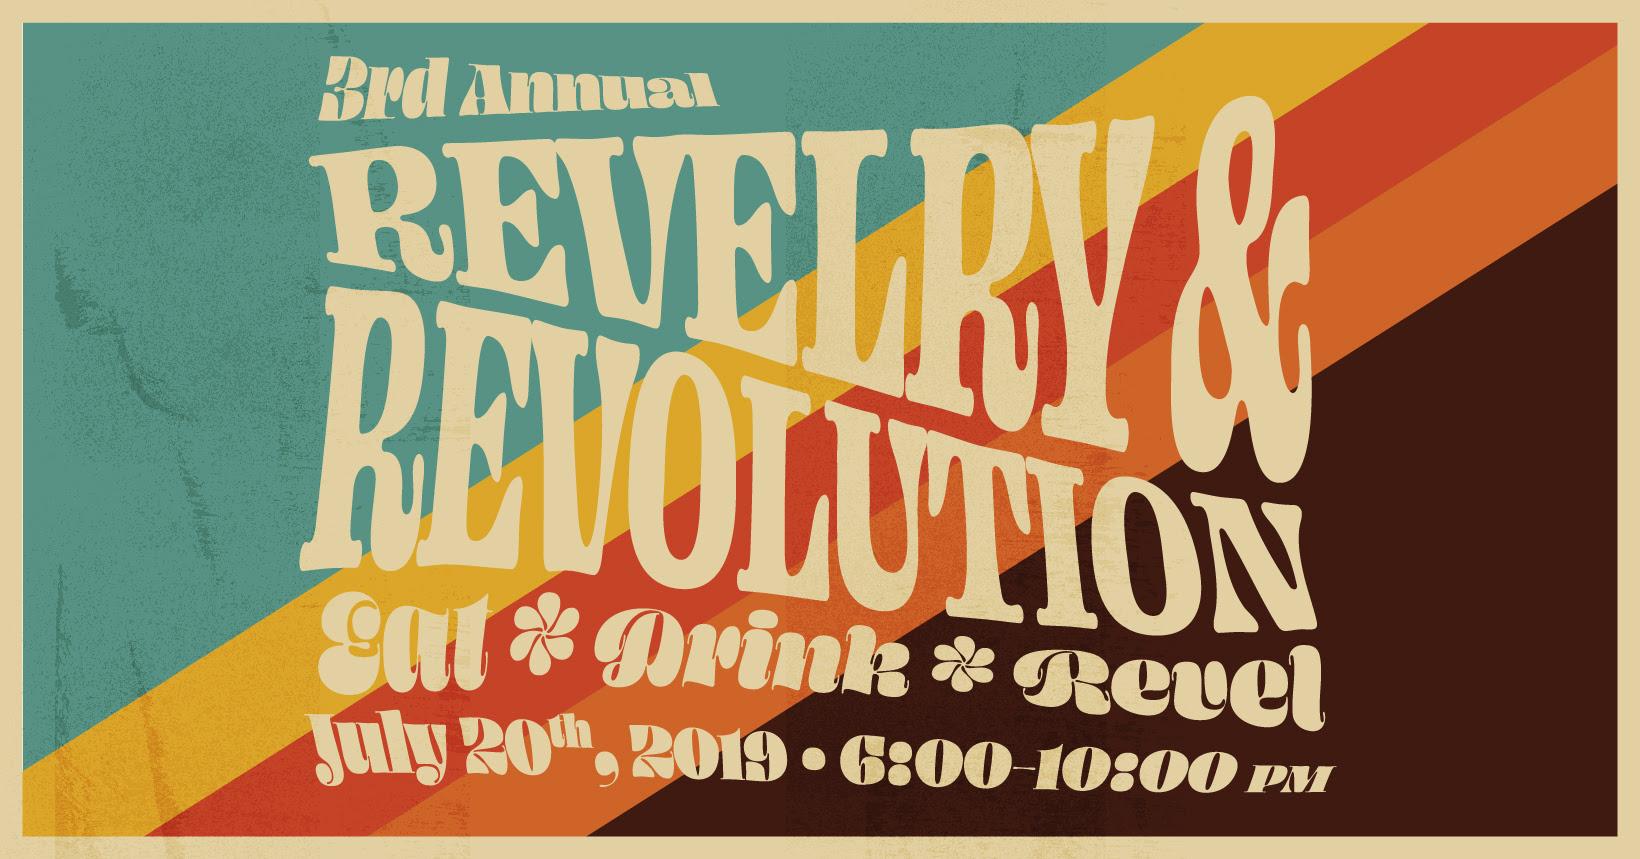 Revelry & Revolution @ REVOLUTION Winery & Kitchen